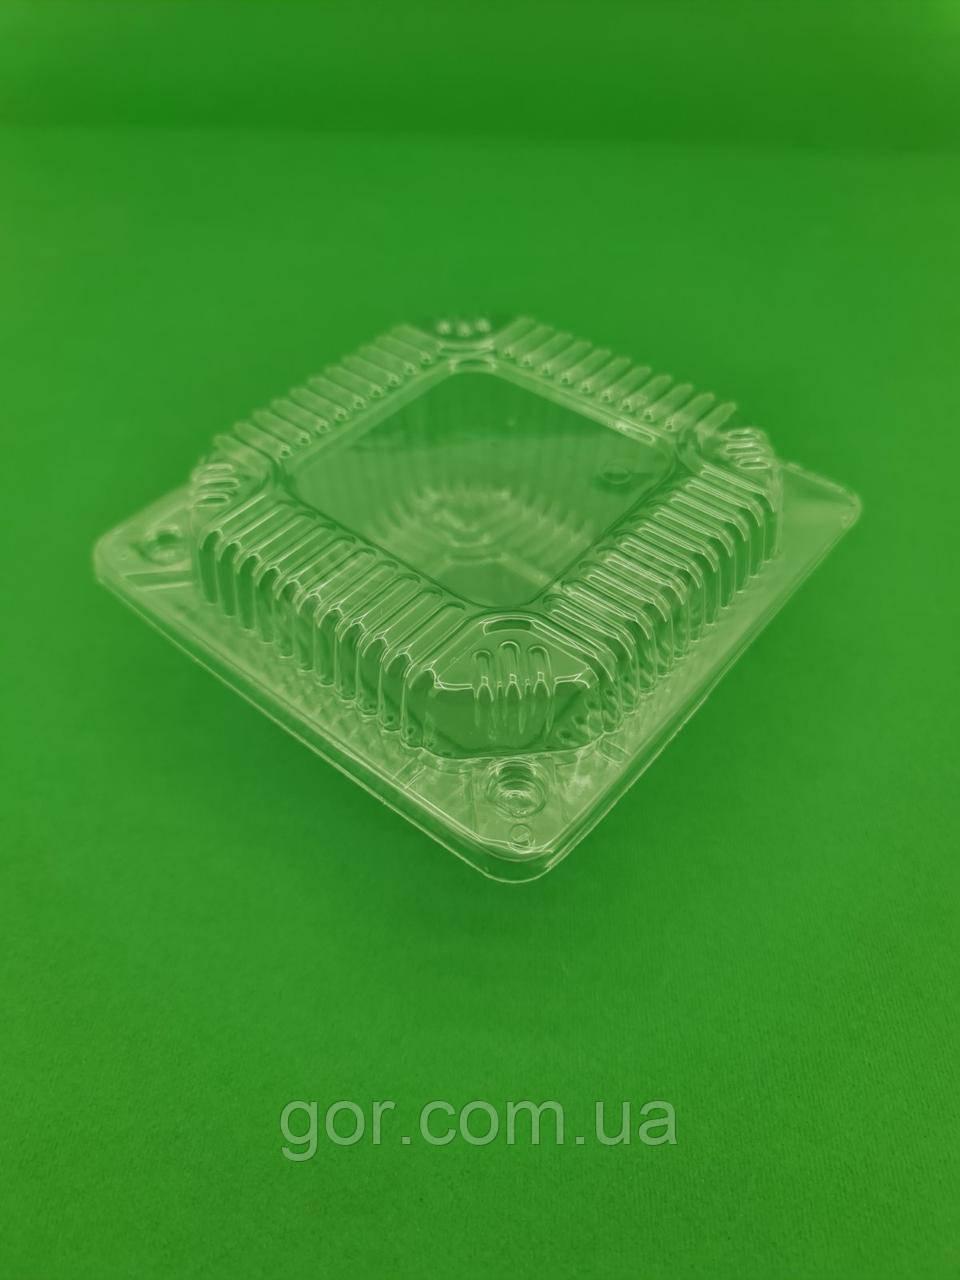 Контейнер пластиковый с откидной крышкой V400мл ПС-6 (50 шт) одноразовая упаковка для десертов